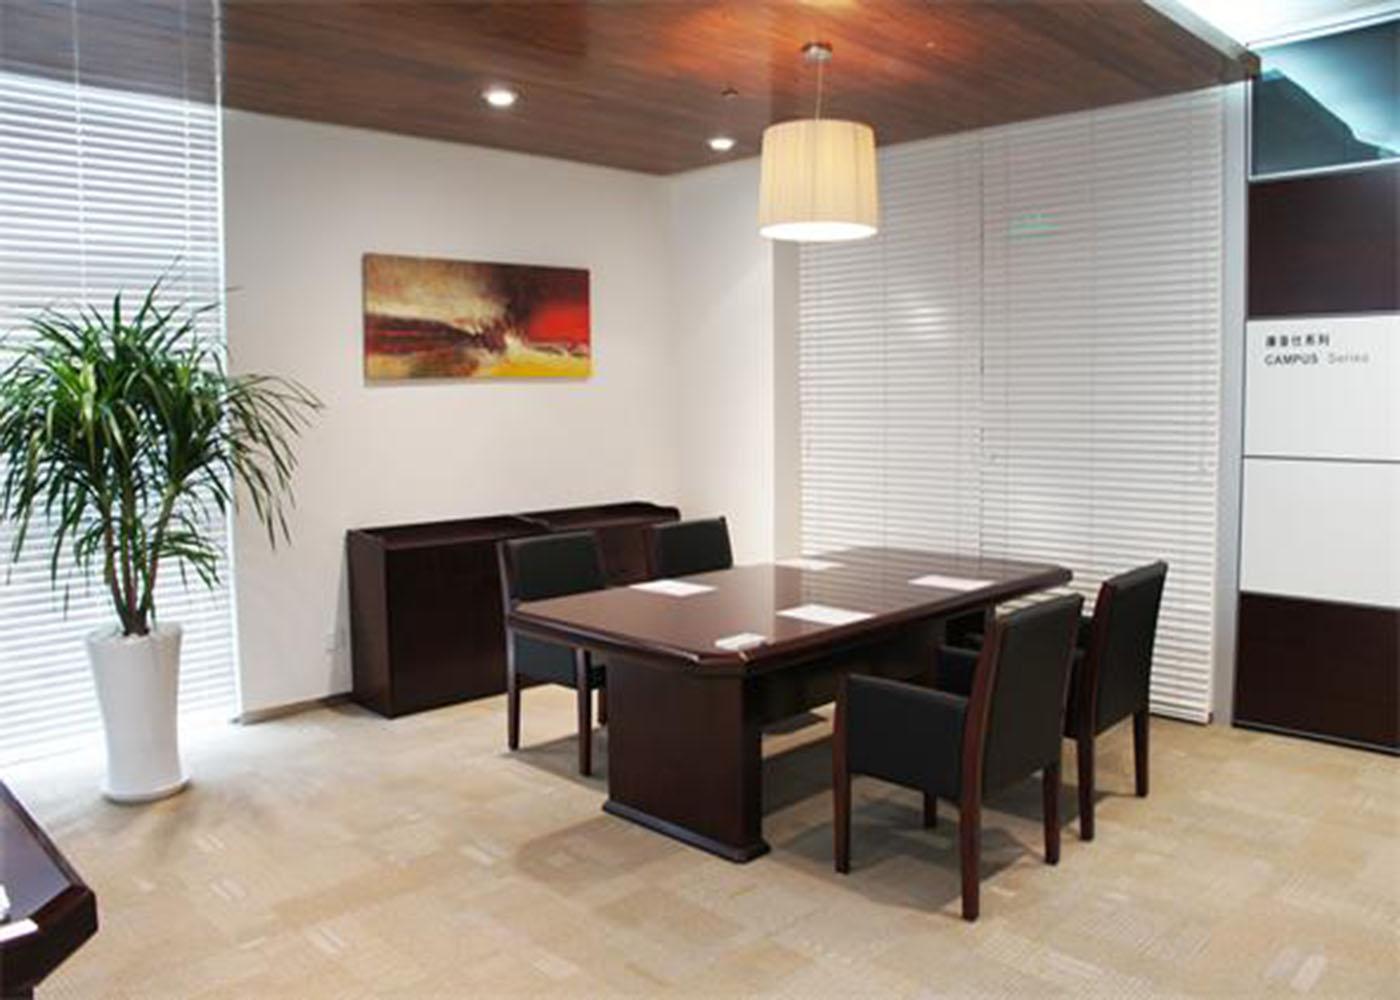 贝尔特会议桌A02,上海会议桌,【尺寸 价格 图片 品牌】